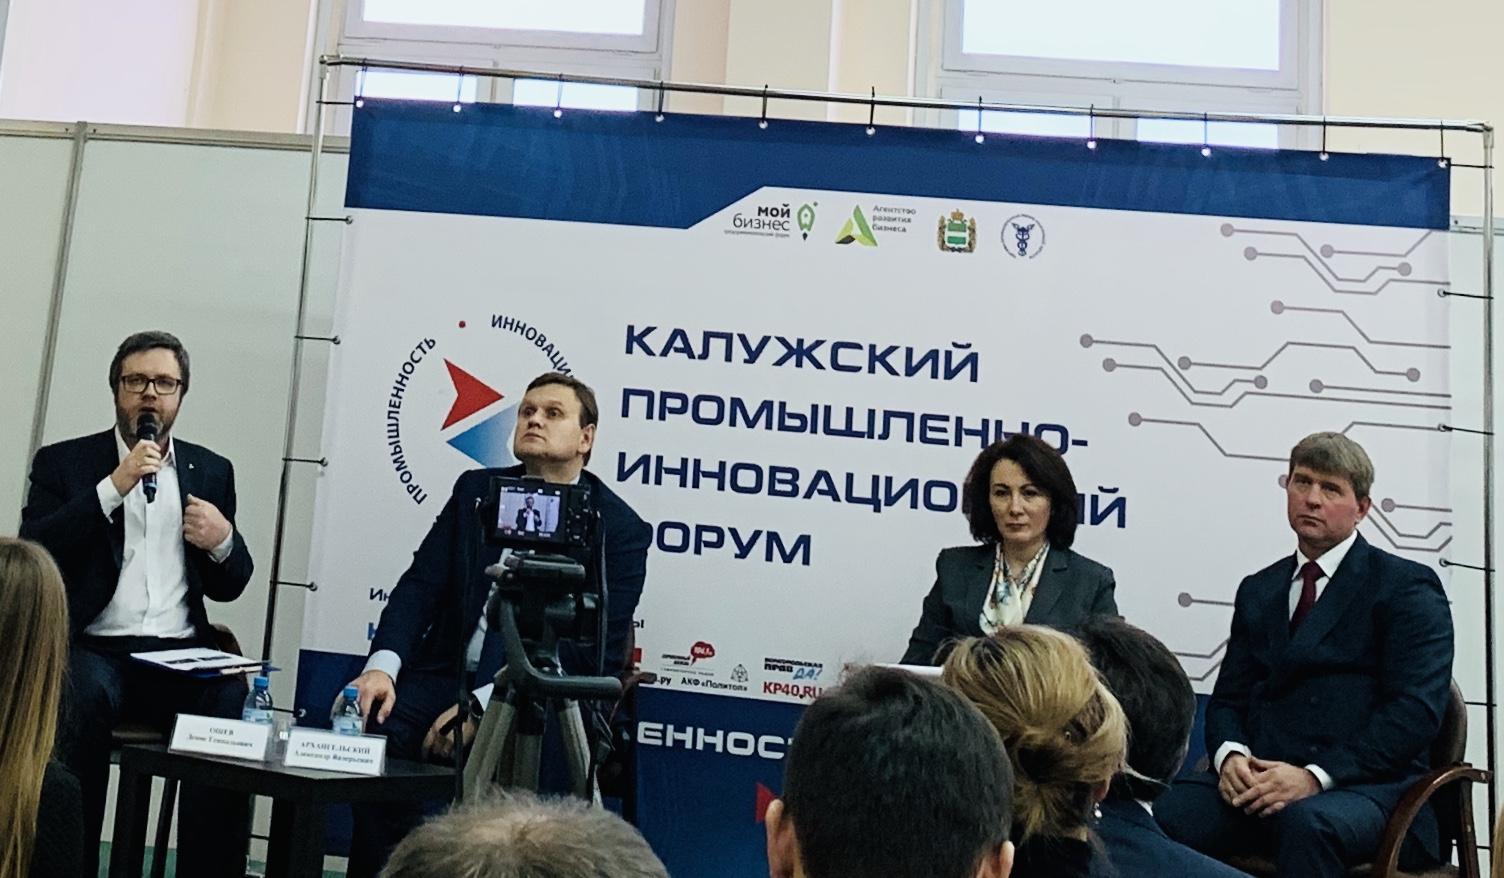 Председатель Правления АО «Газэнергобанк» Денис Геннадьевич Ошев выступил спикером дискуссионной площадки «Финансовая доступность для МСП»